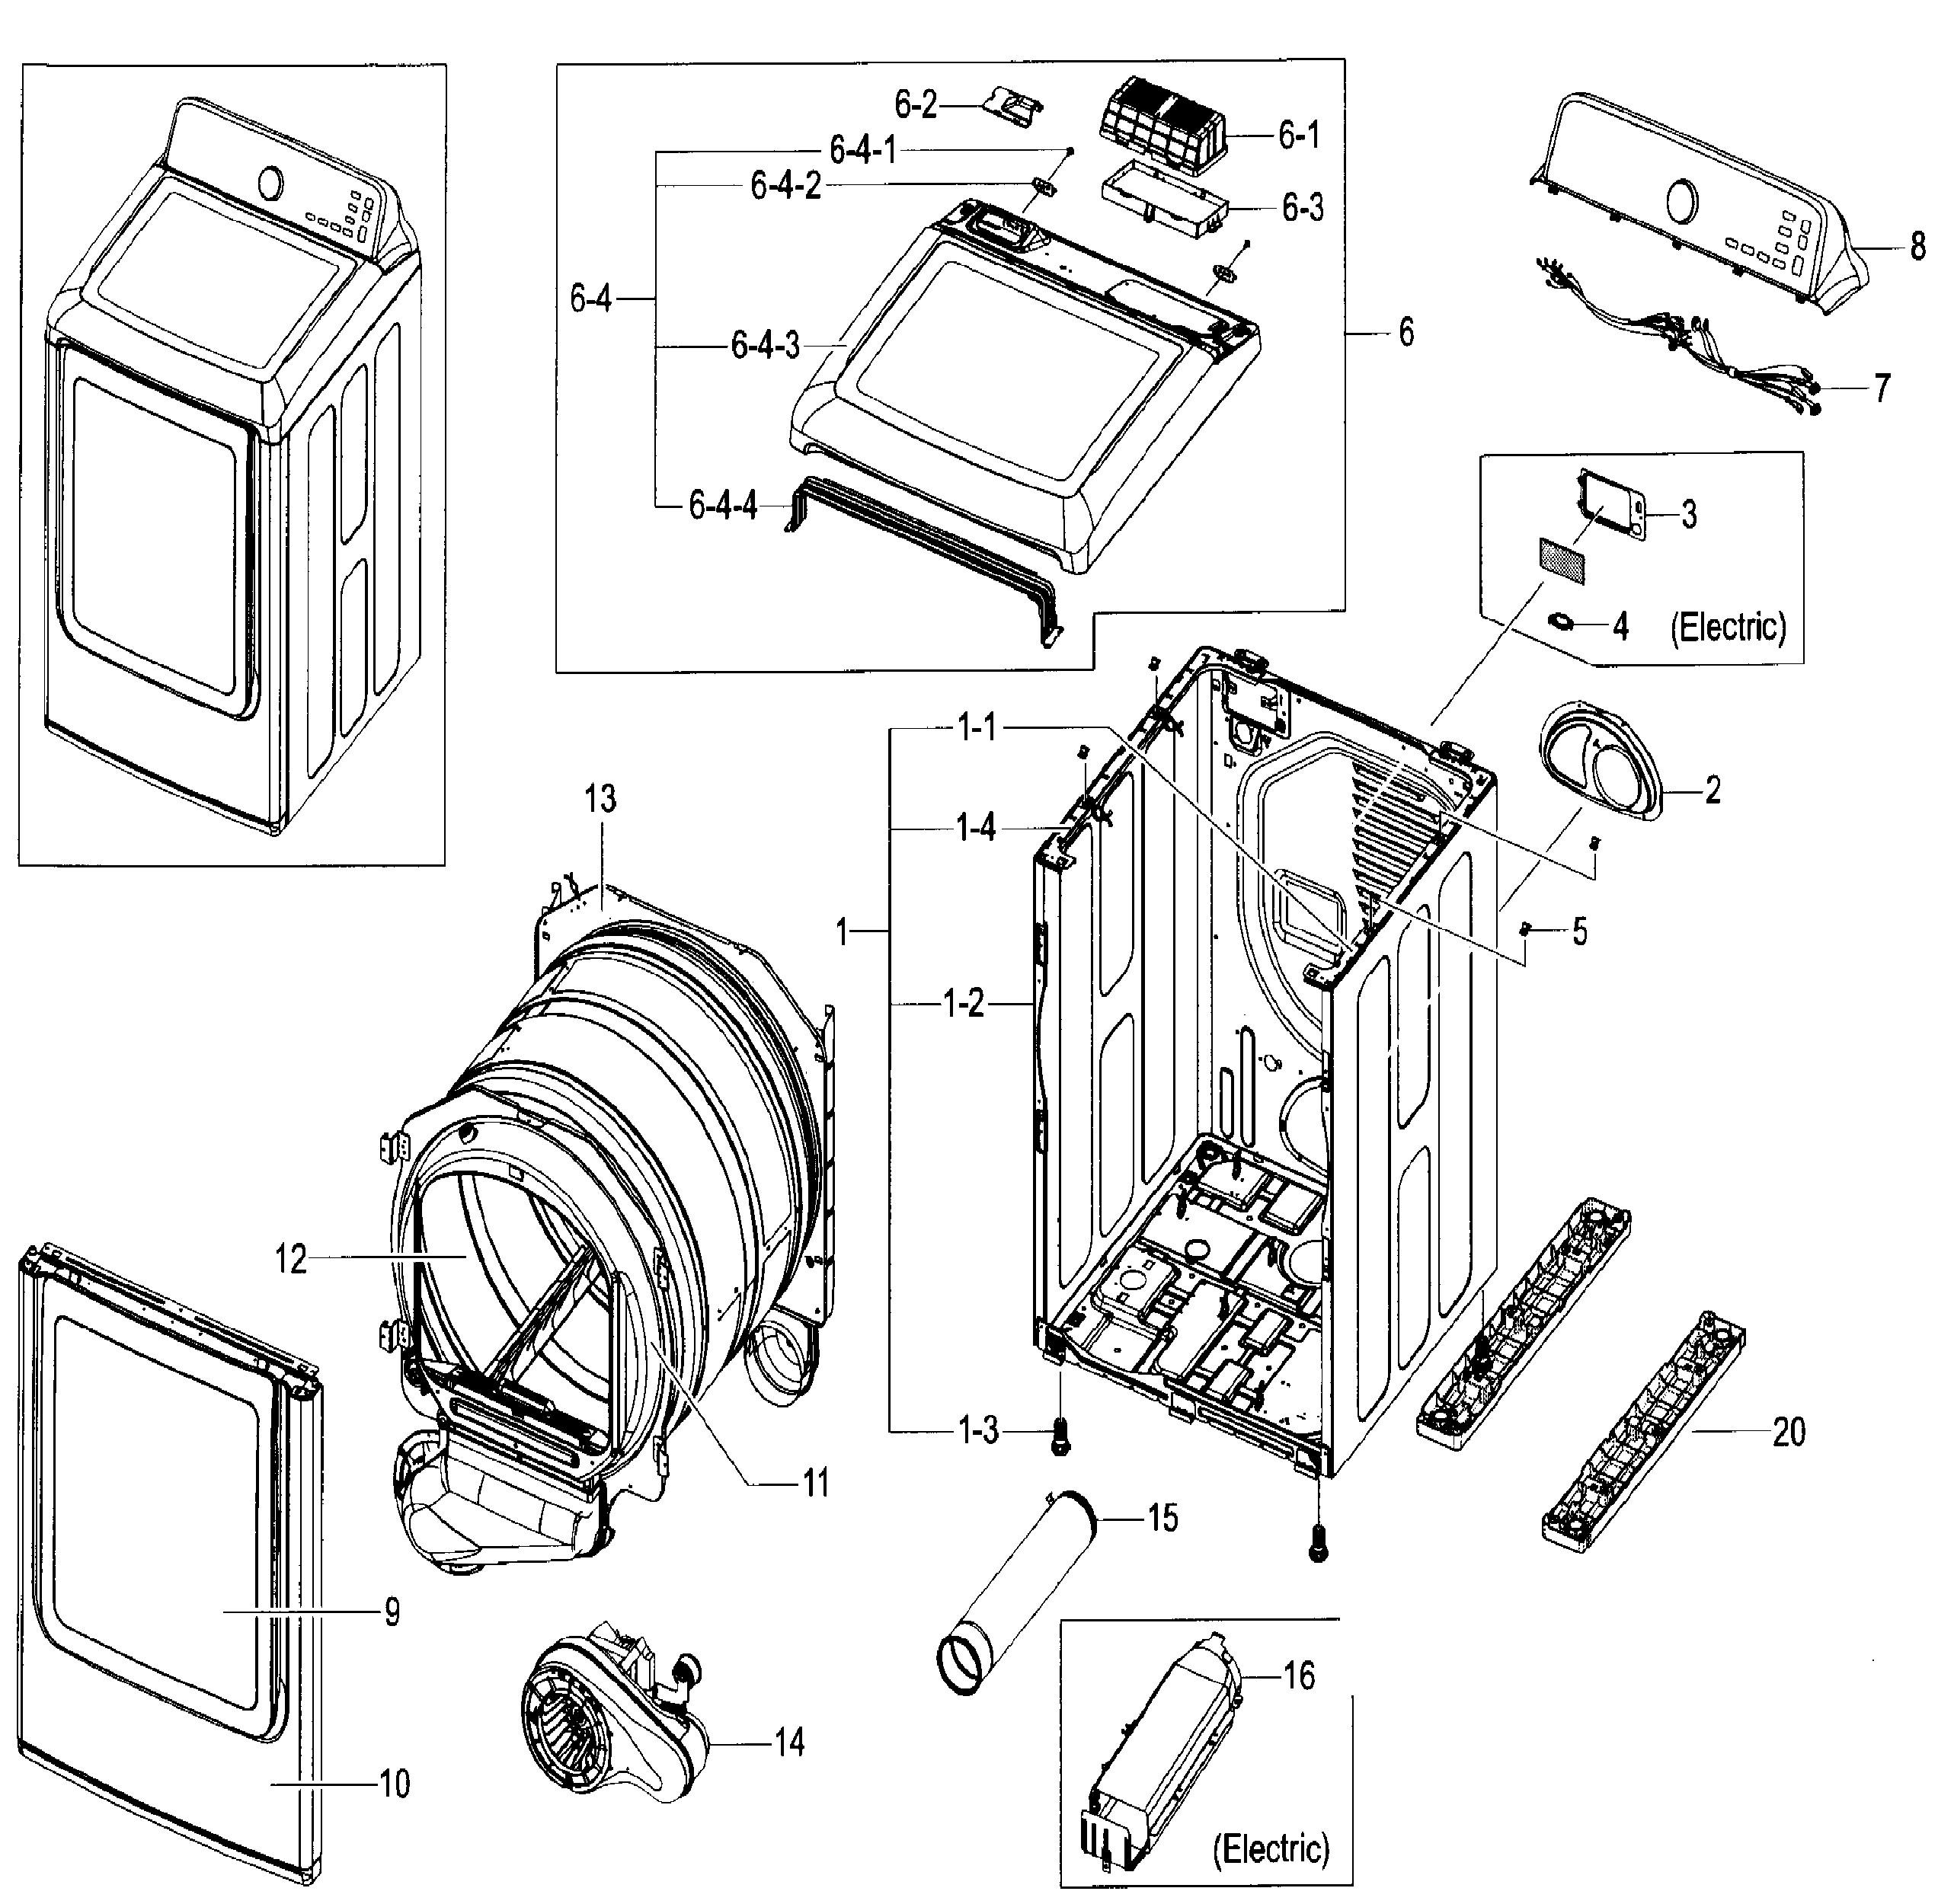 Wire Diagram for Samsung Dryer Model Dve52m8650v/a3 Wiring Diagram for Samsung Dryer Heating Element Collection Of Wire Diagram for Samsung Dryer Model Dve52m8650v/a3